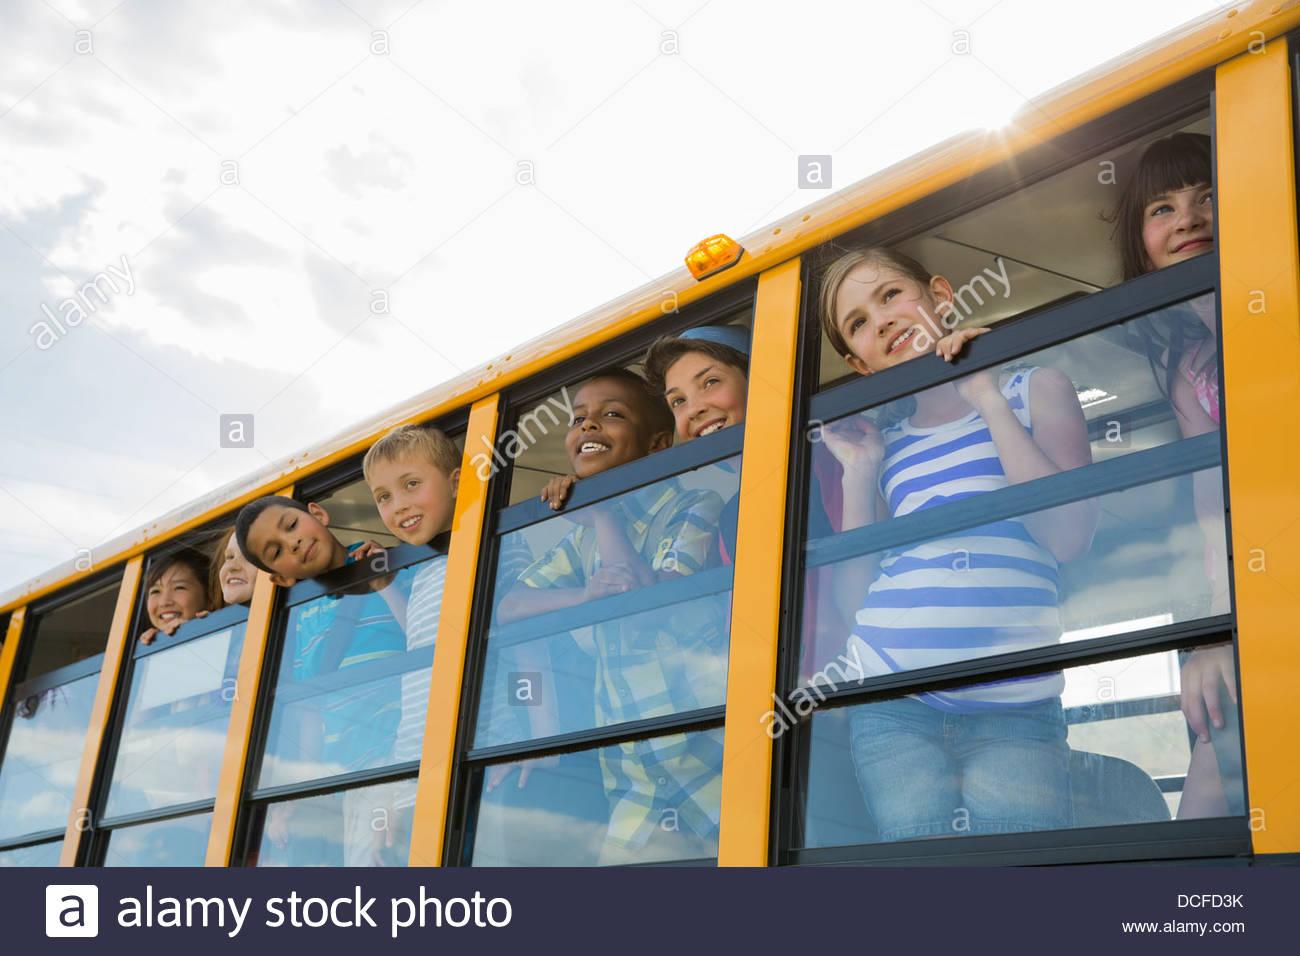 Group of schoolchildren looking through bus window - Stock Image